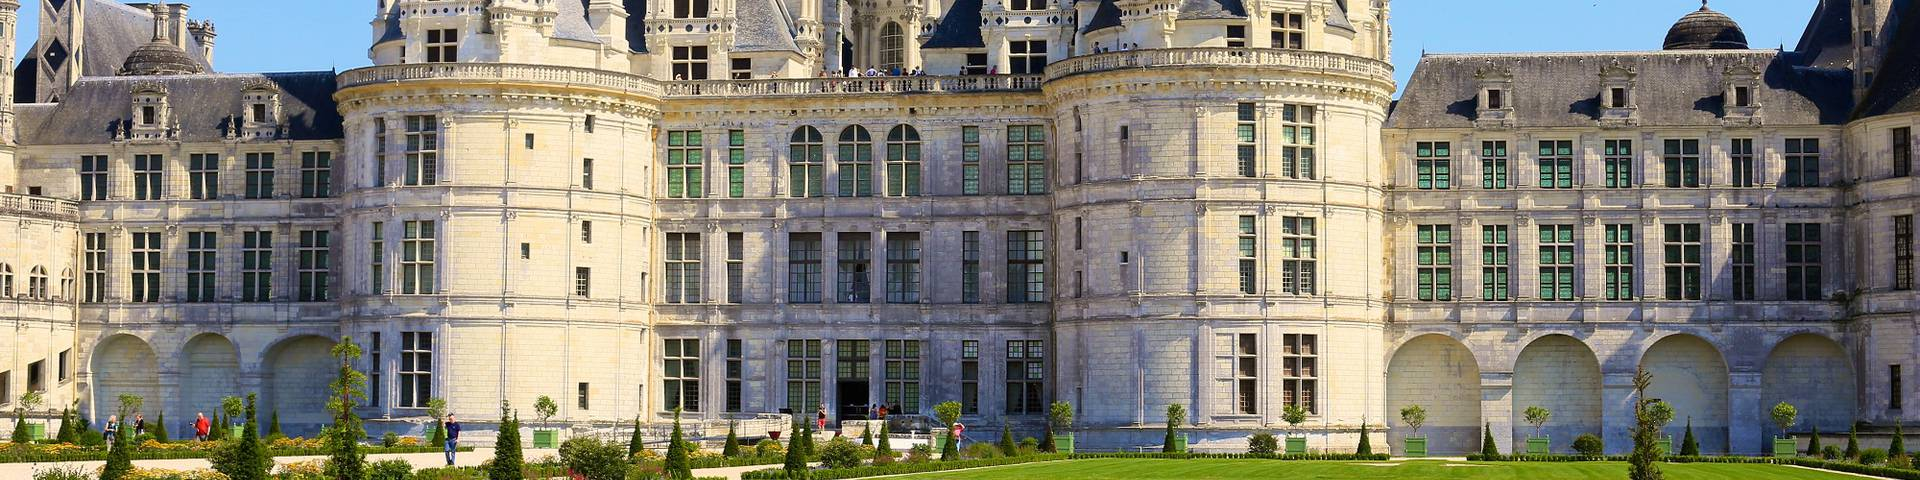 Le château de Chambord et ses jardins à la française. © Ludovic Letot